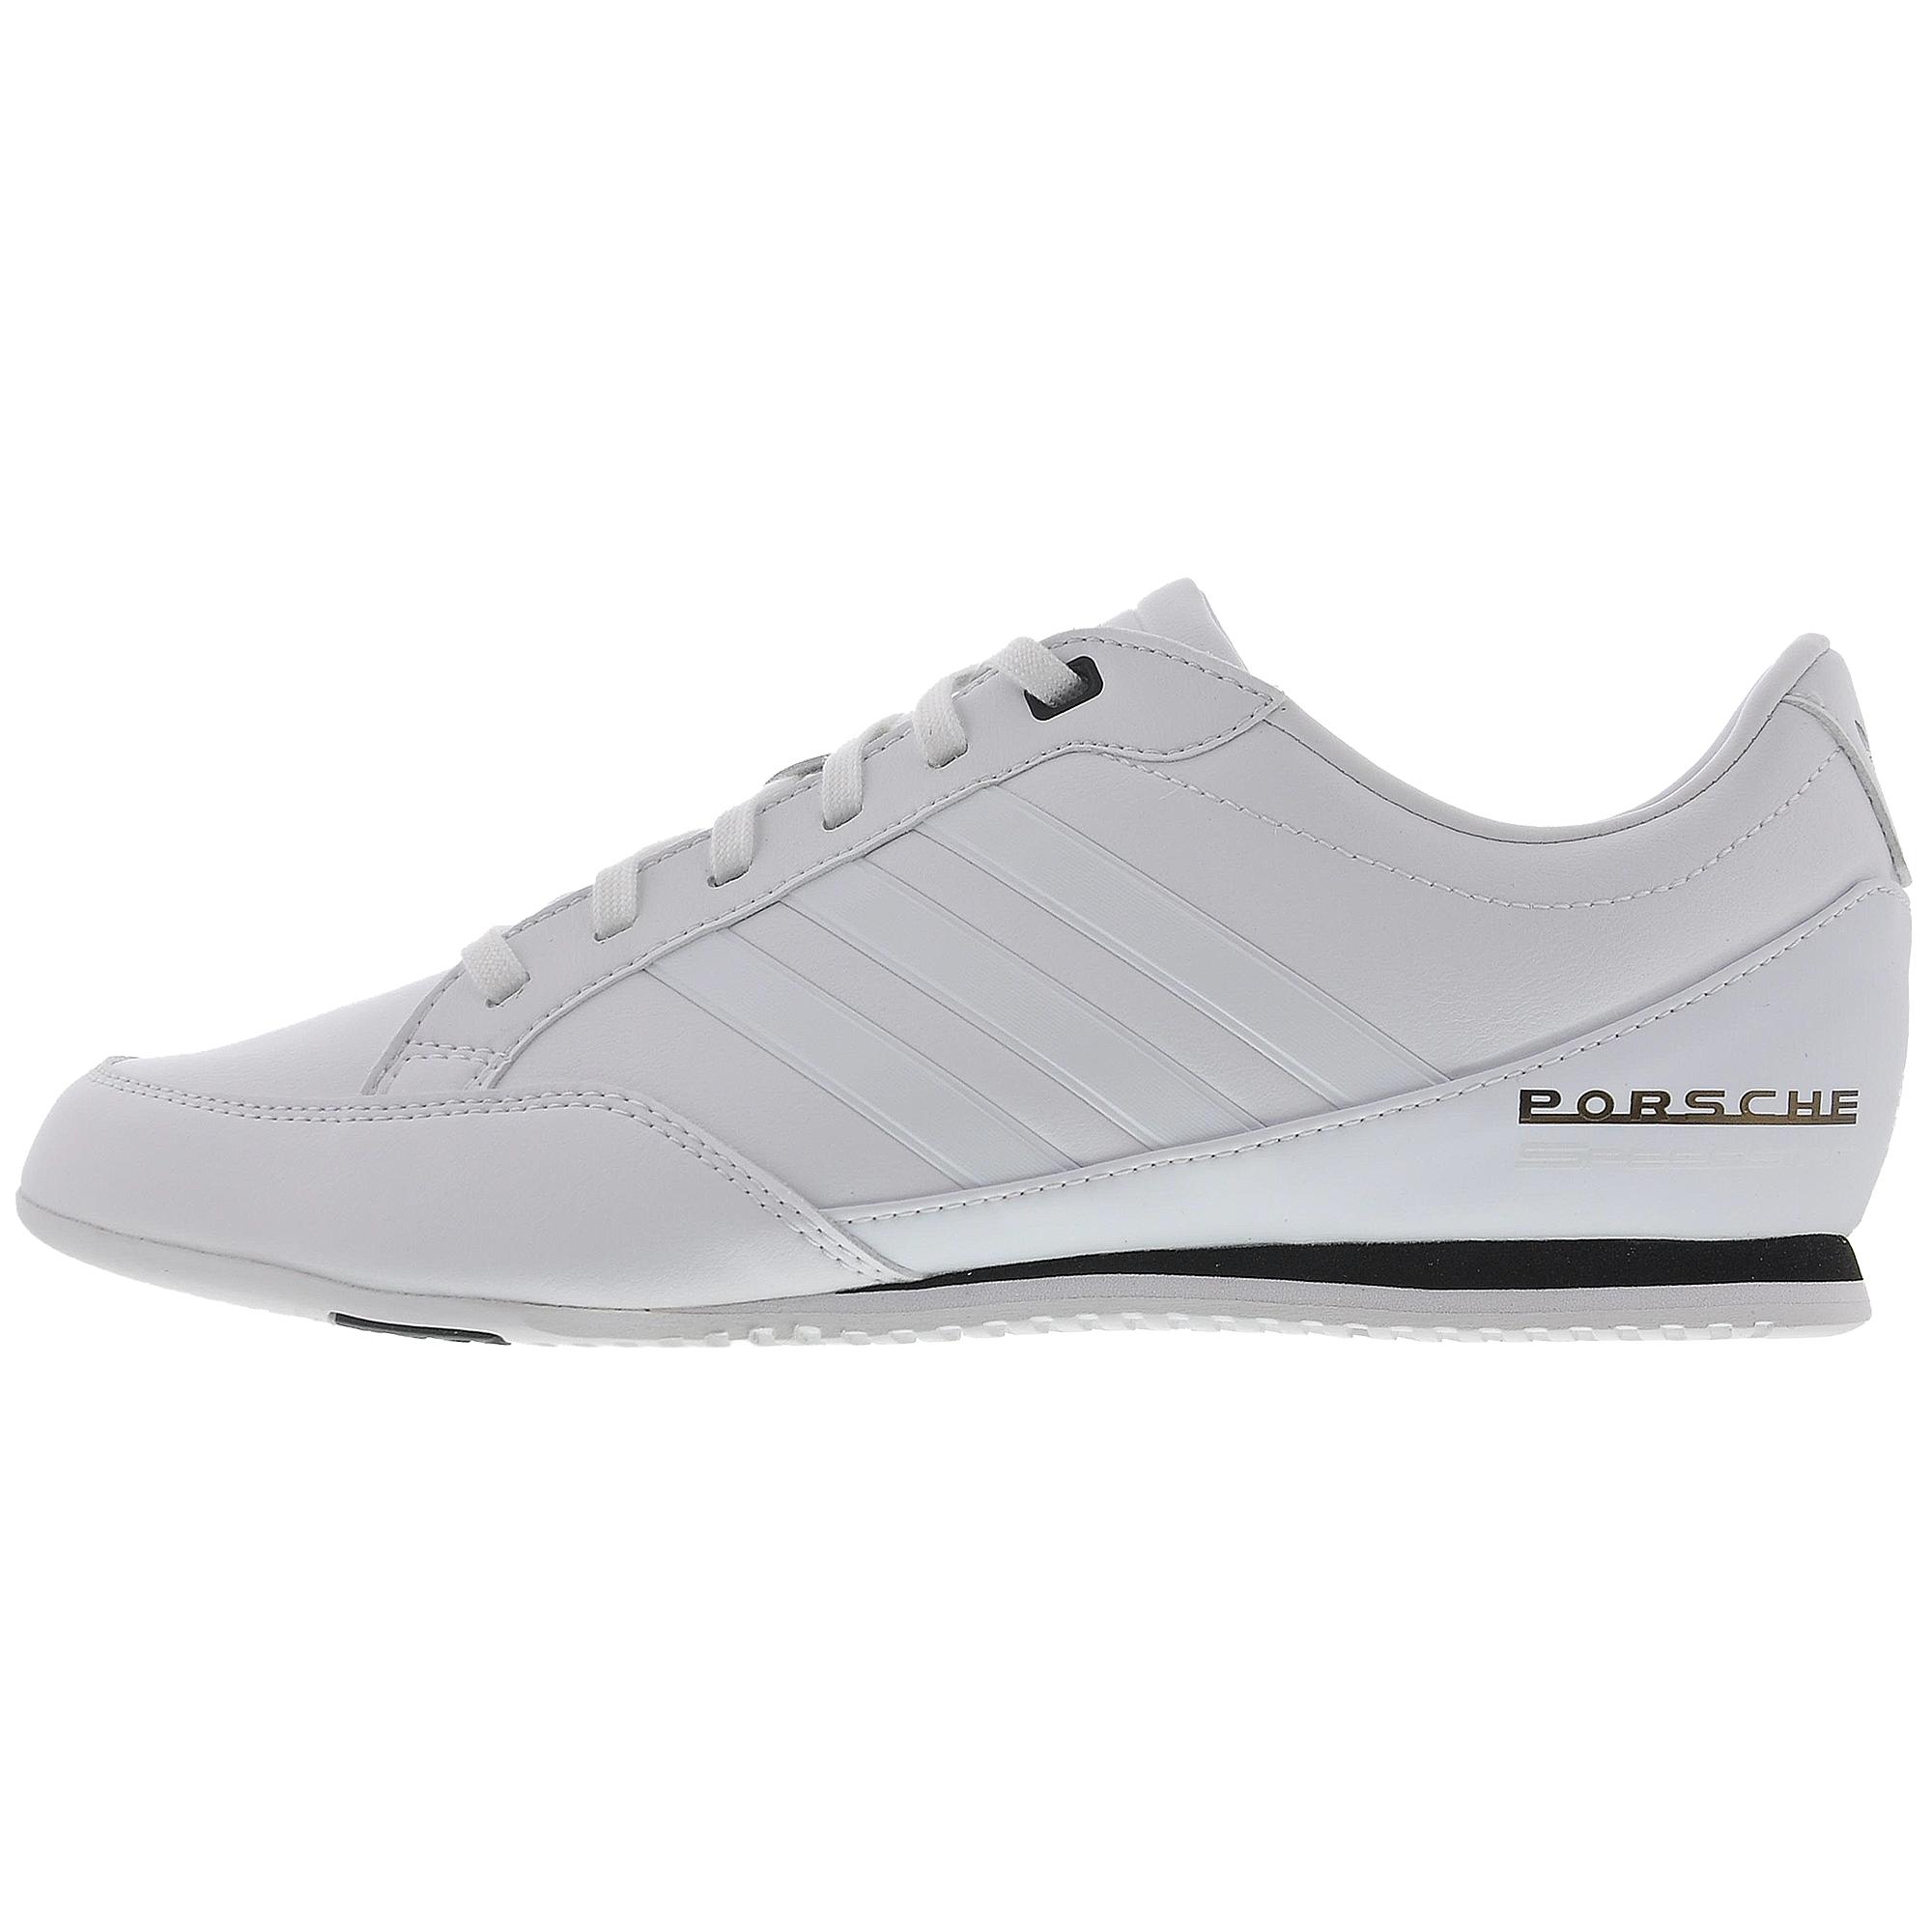 c15b88e290d3 ... get adidas porsche speedster sport ss15 erkek spor ayakkab 61f20 d5301